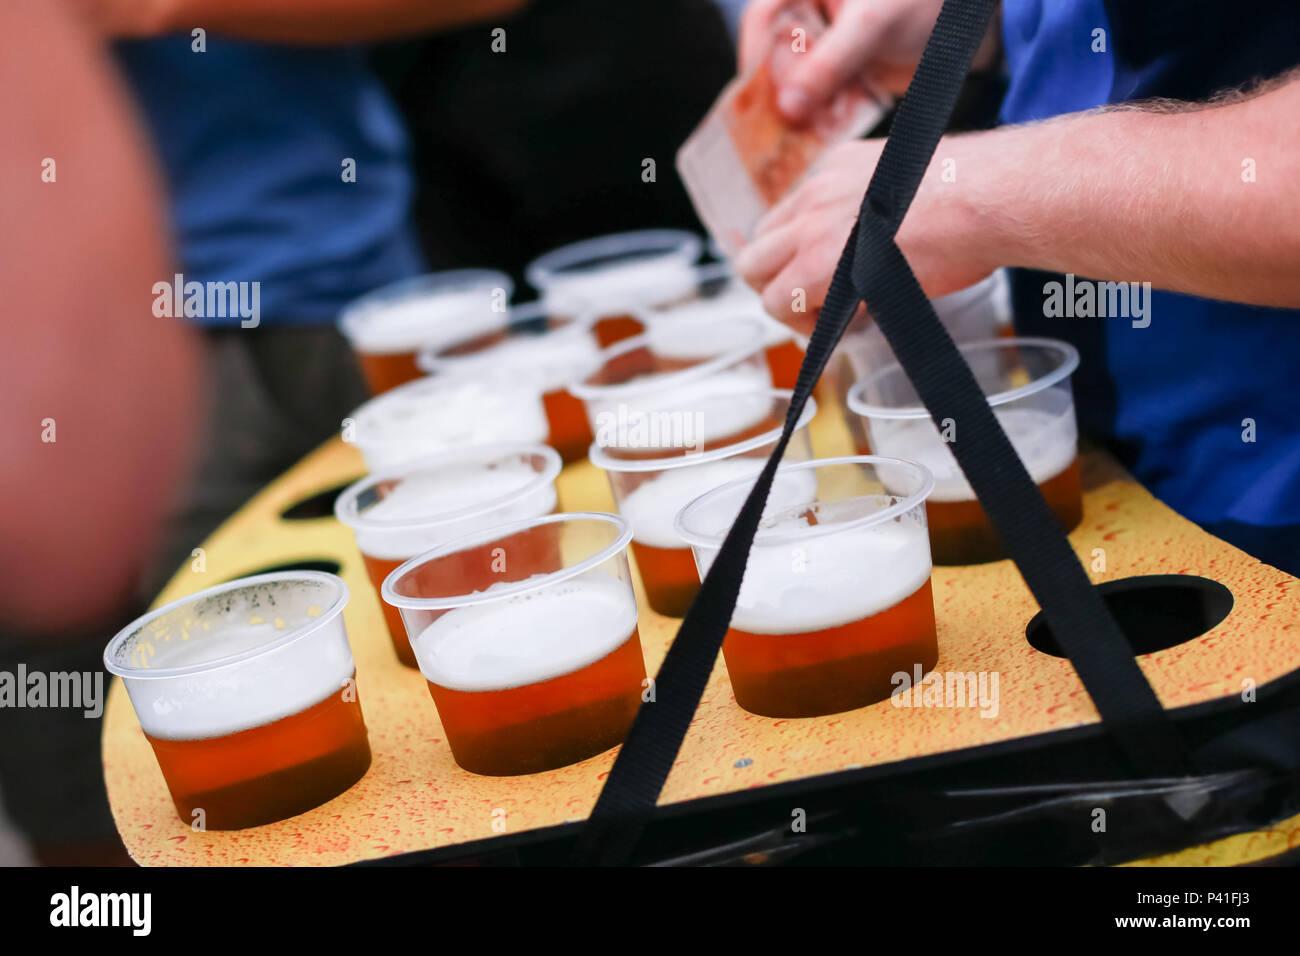 Nahaufnahme des Verkäufers mit der Gruppe der Biere vom Fass. Stockfoto